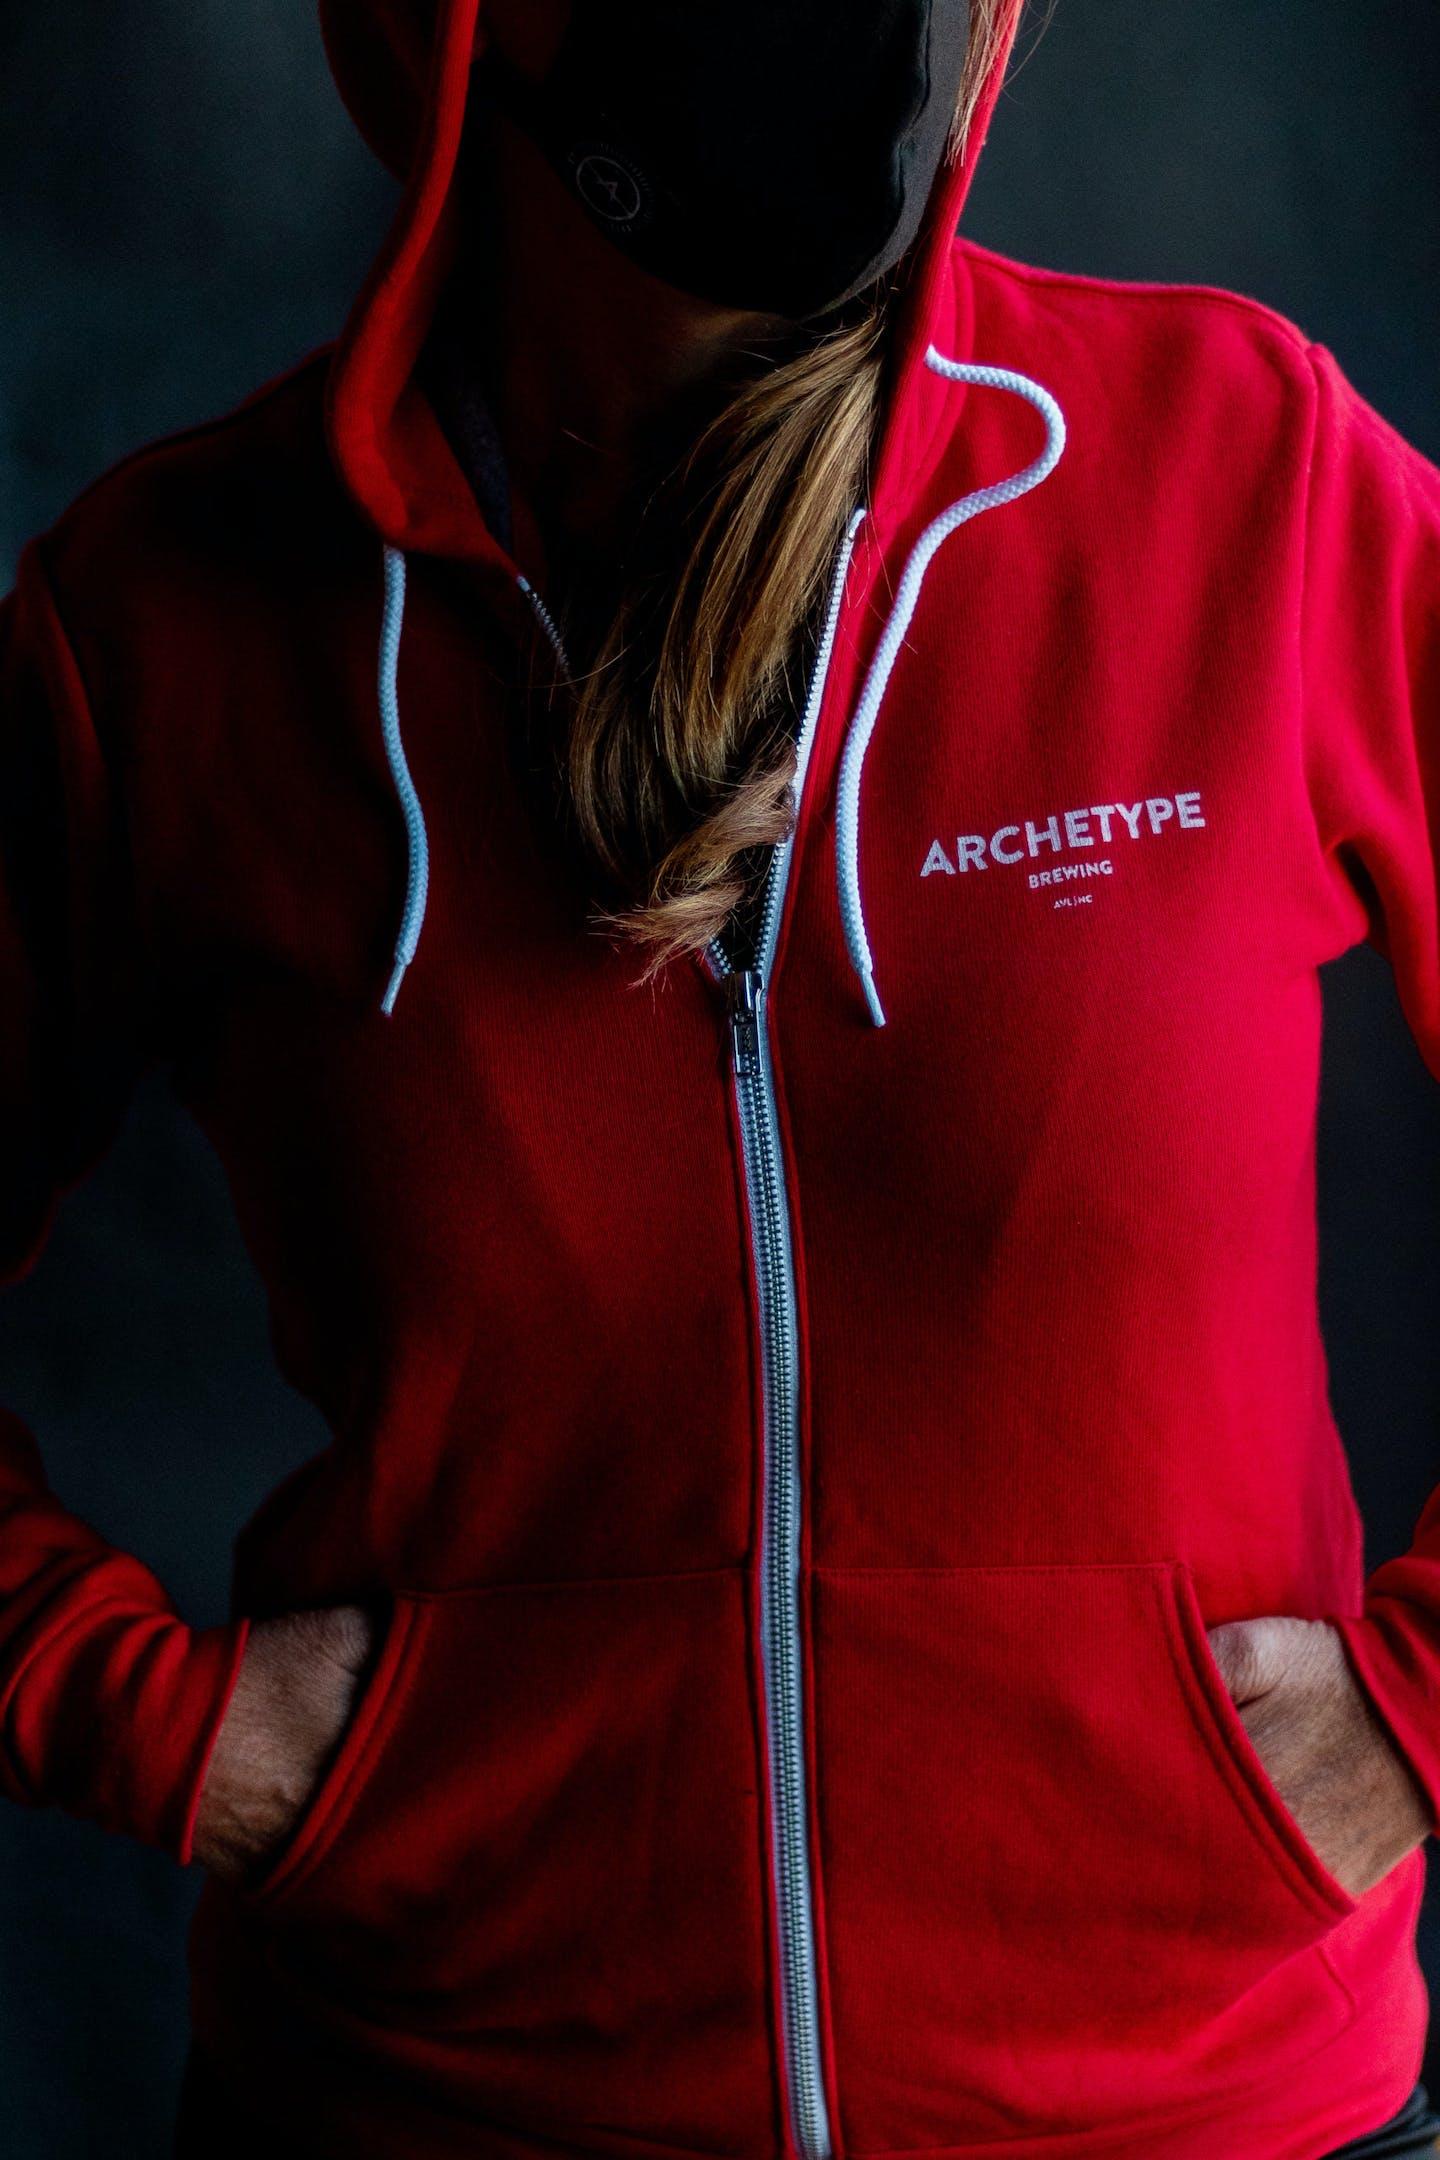 2020_Archetype Brewing Merchandise_ Carlos Maldonado Romero - 3